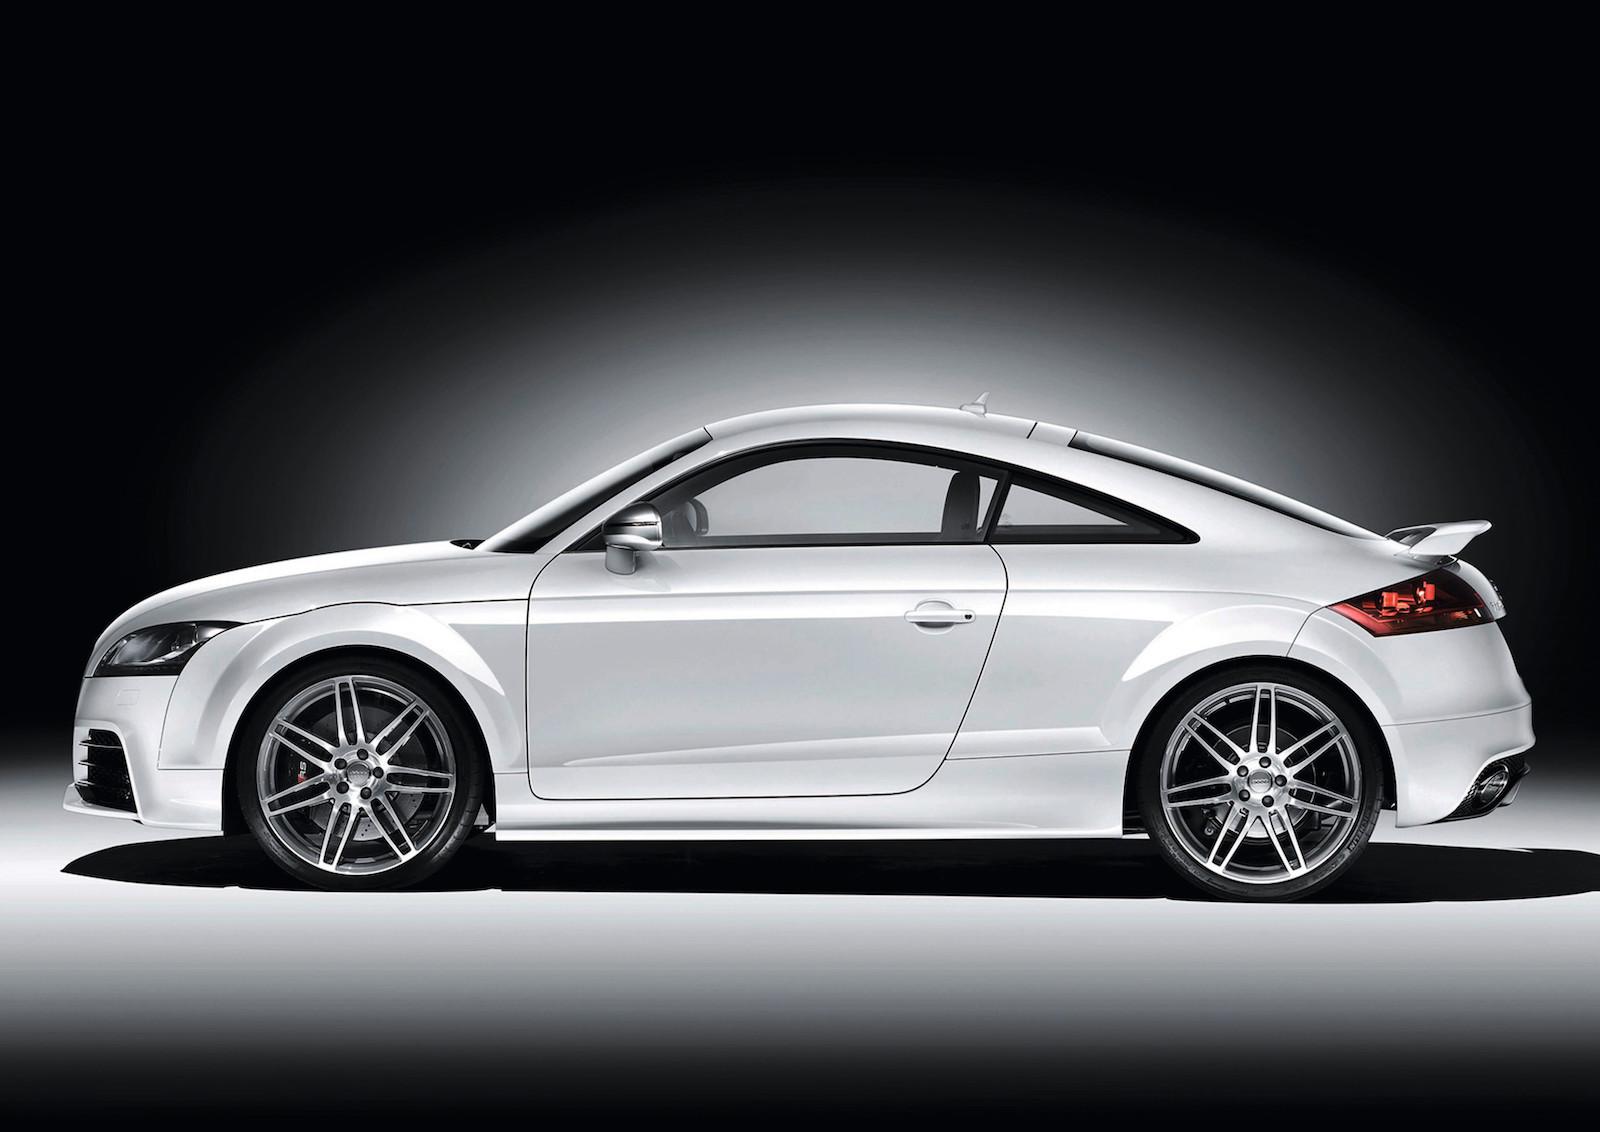 Audi-TT-RS-MK2-Disques-voiles-2.jpg